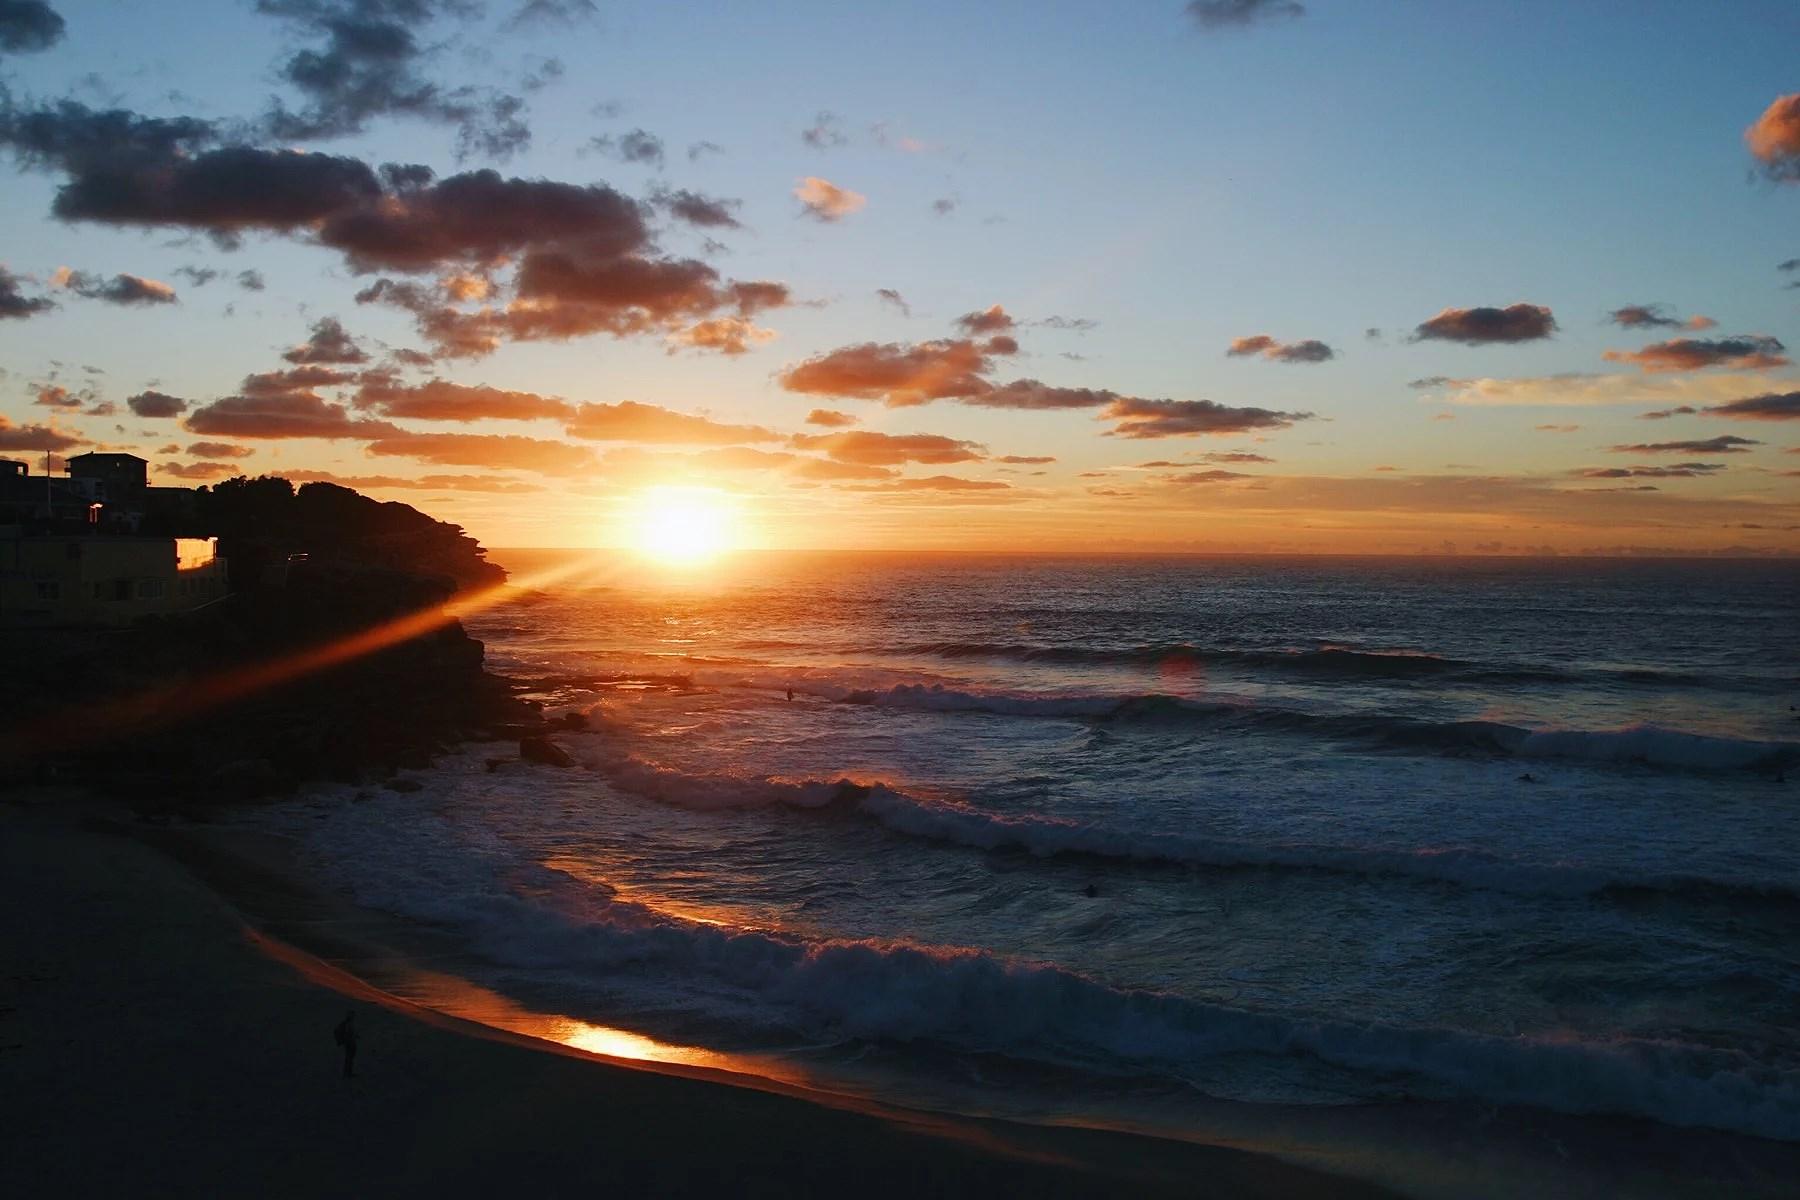 Sol från morgon till kväll - Sydney dag 6